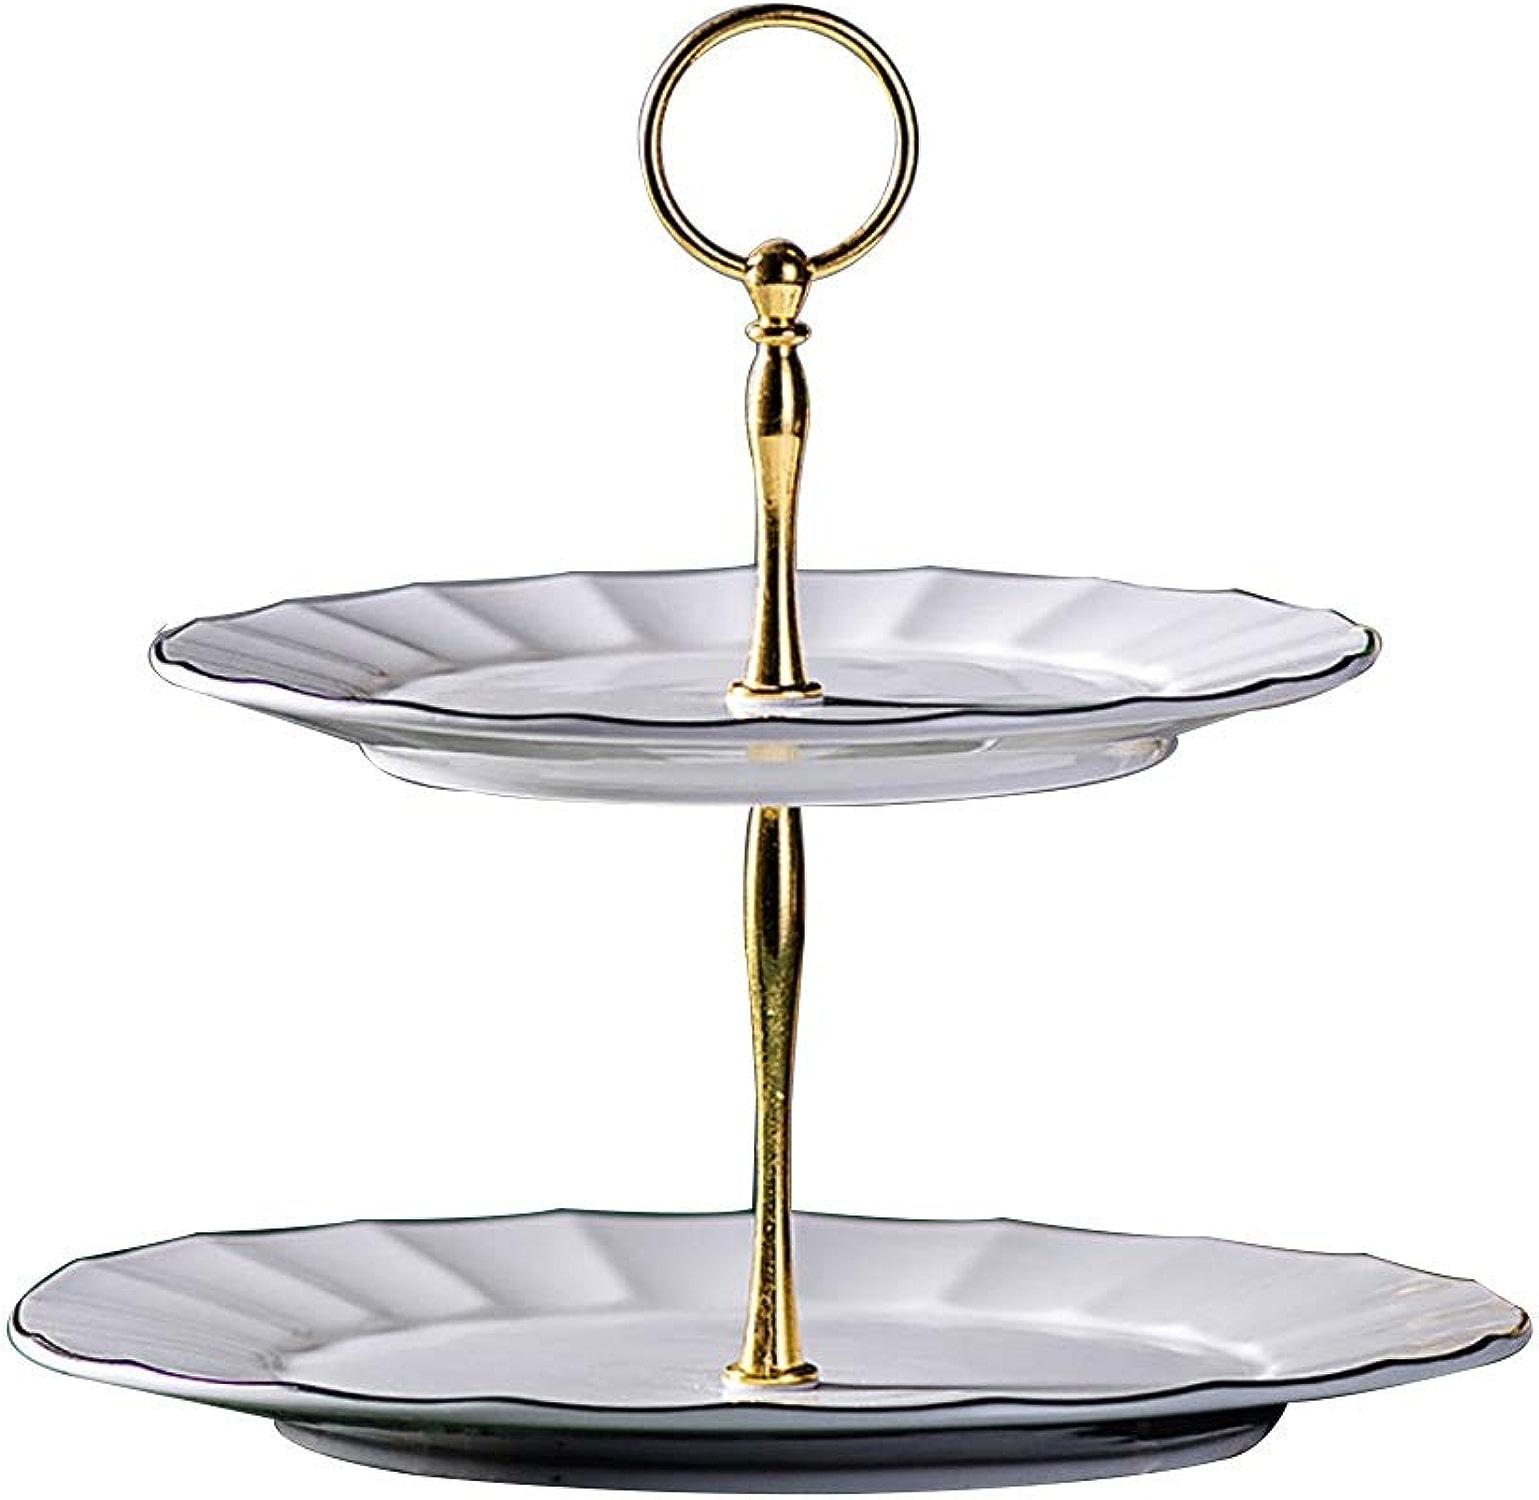 Etagère à desserts - céramique - Ménage - Style européen - Multicouches - assiette de fruits - Etagère à gateaux - Etagère à thé l'après-midi (Taille   20.5cm+25.5cm)